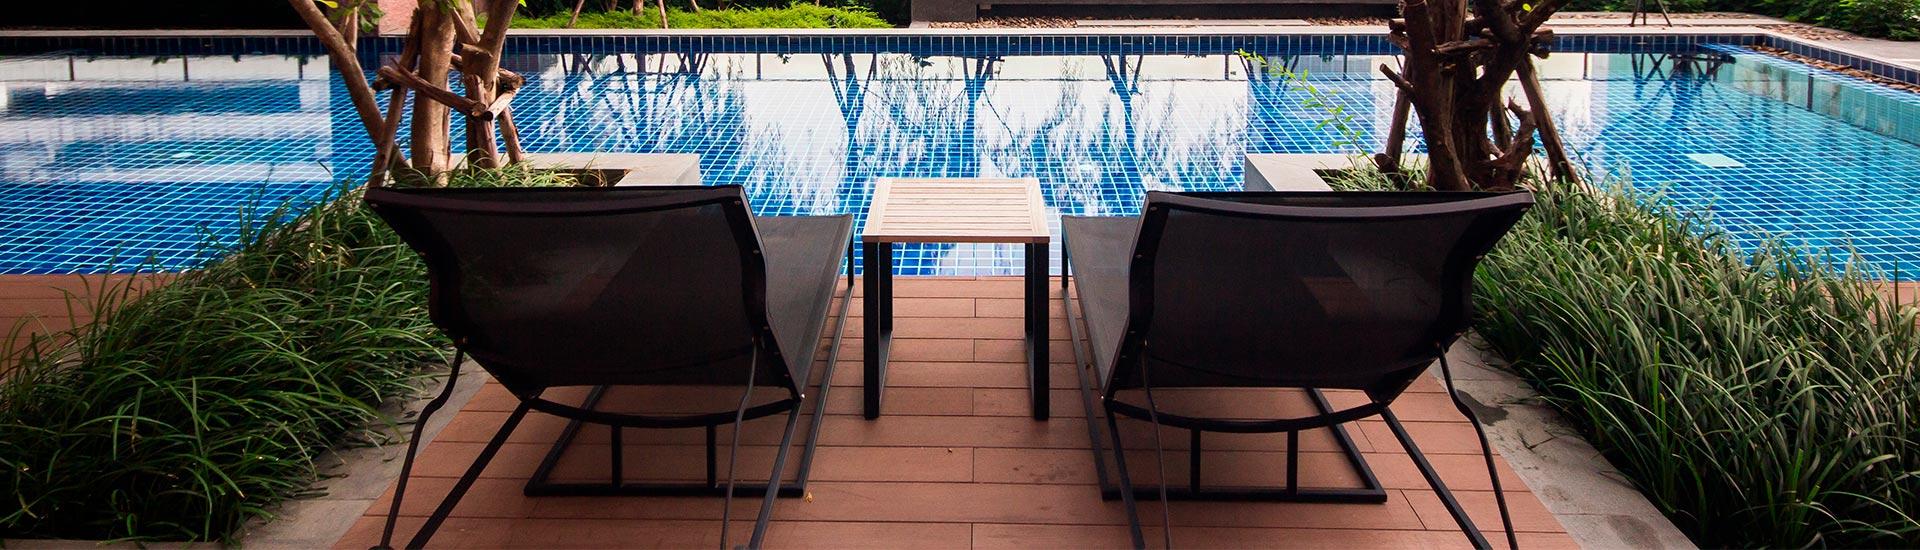 Deux transats en bois face à une piscine.